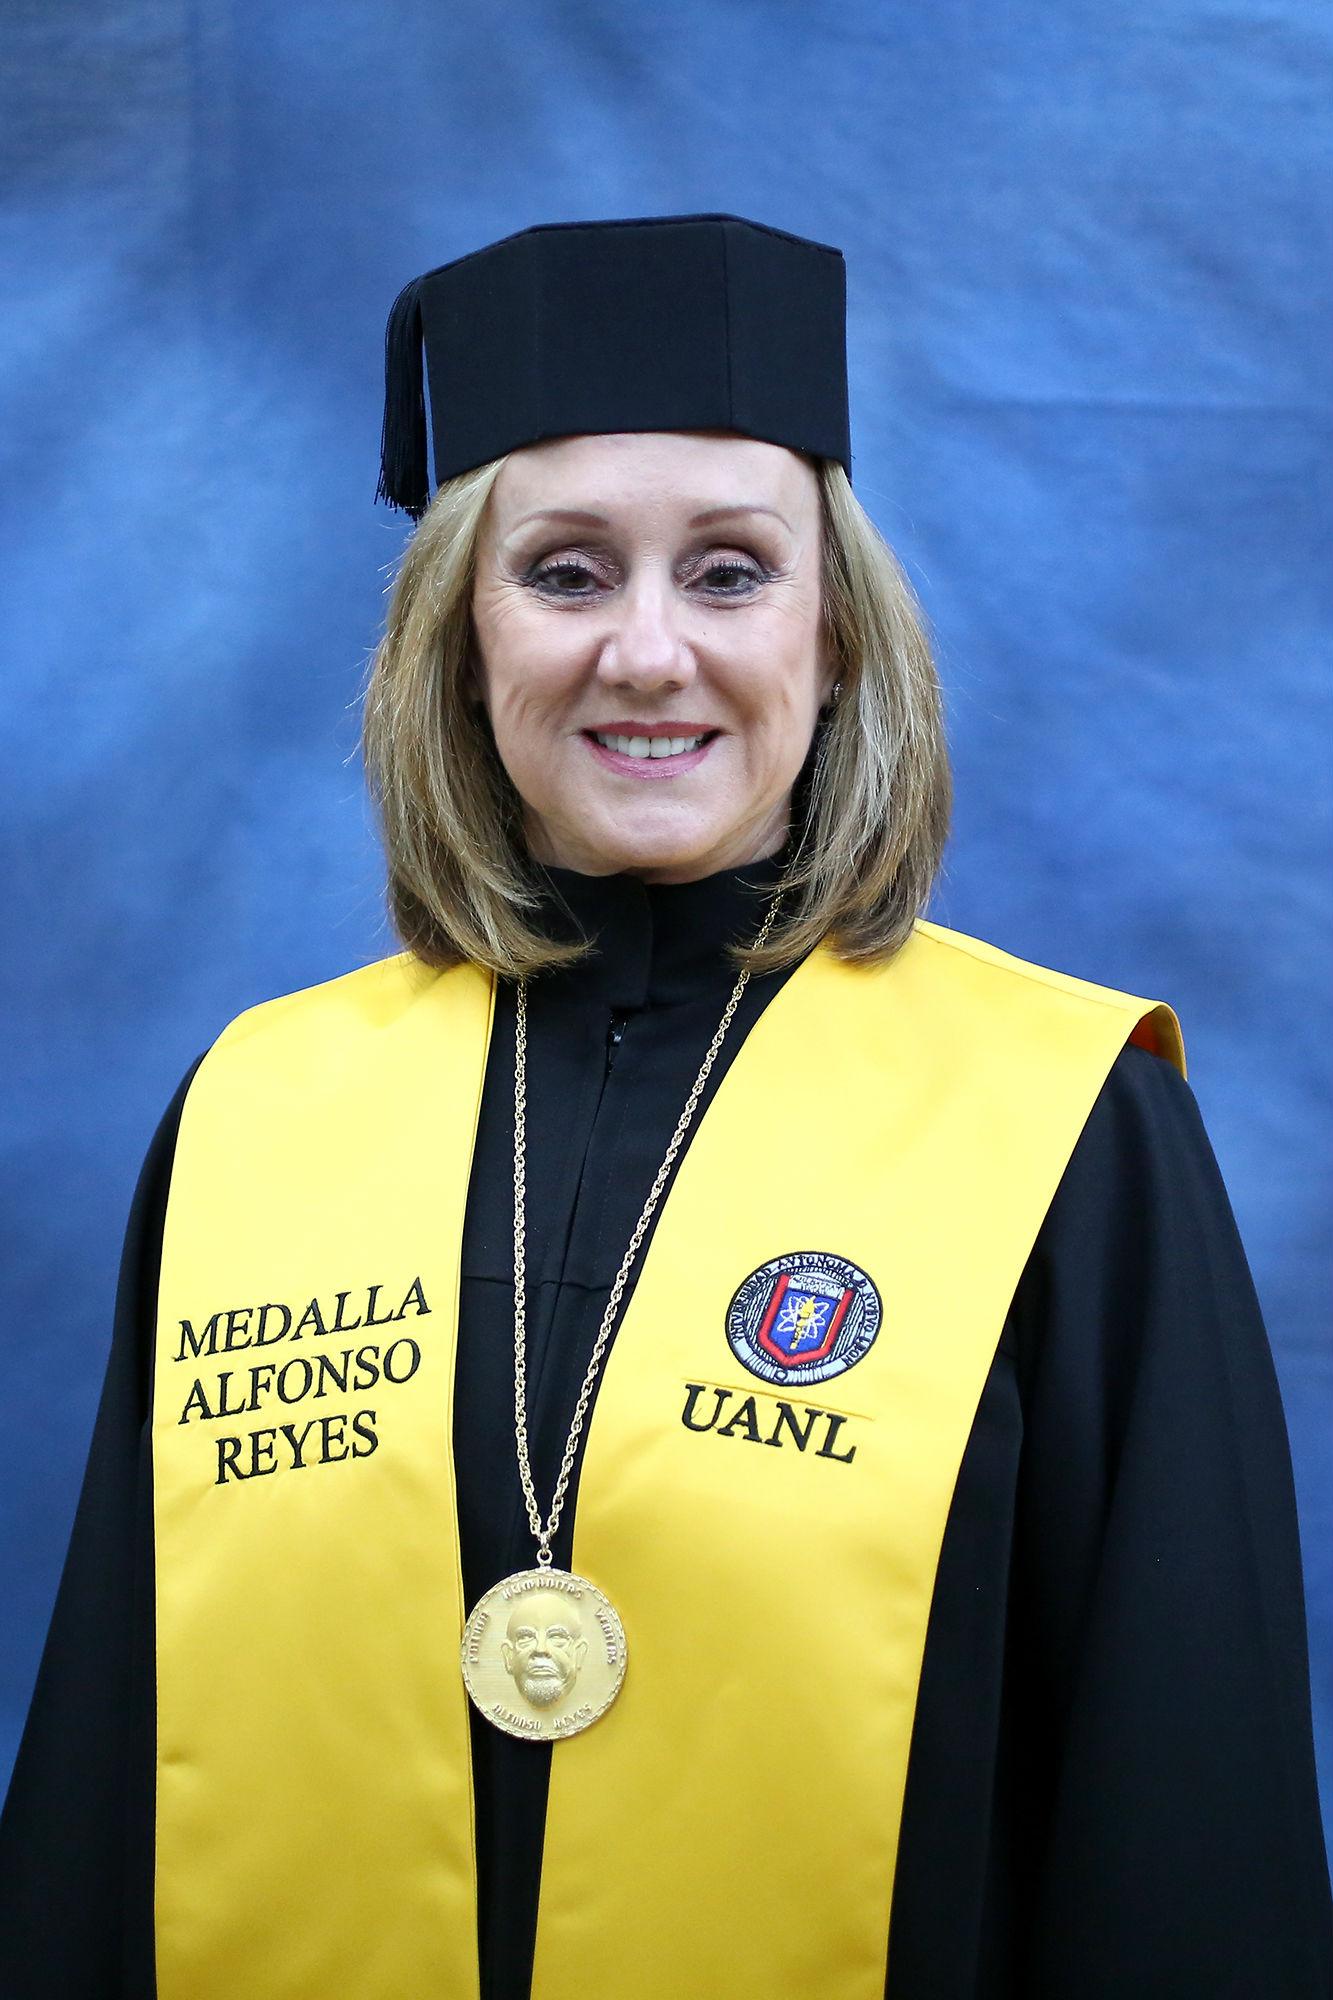 La Medalla Alfonso Reyes le fue entregada a Nina Zambrano